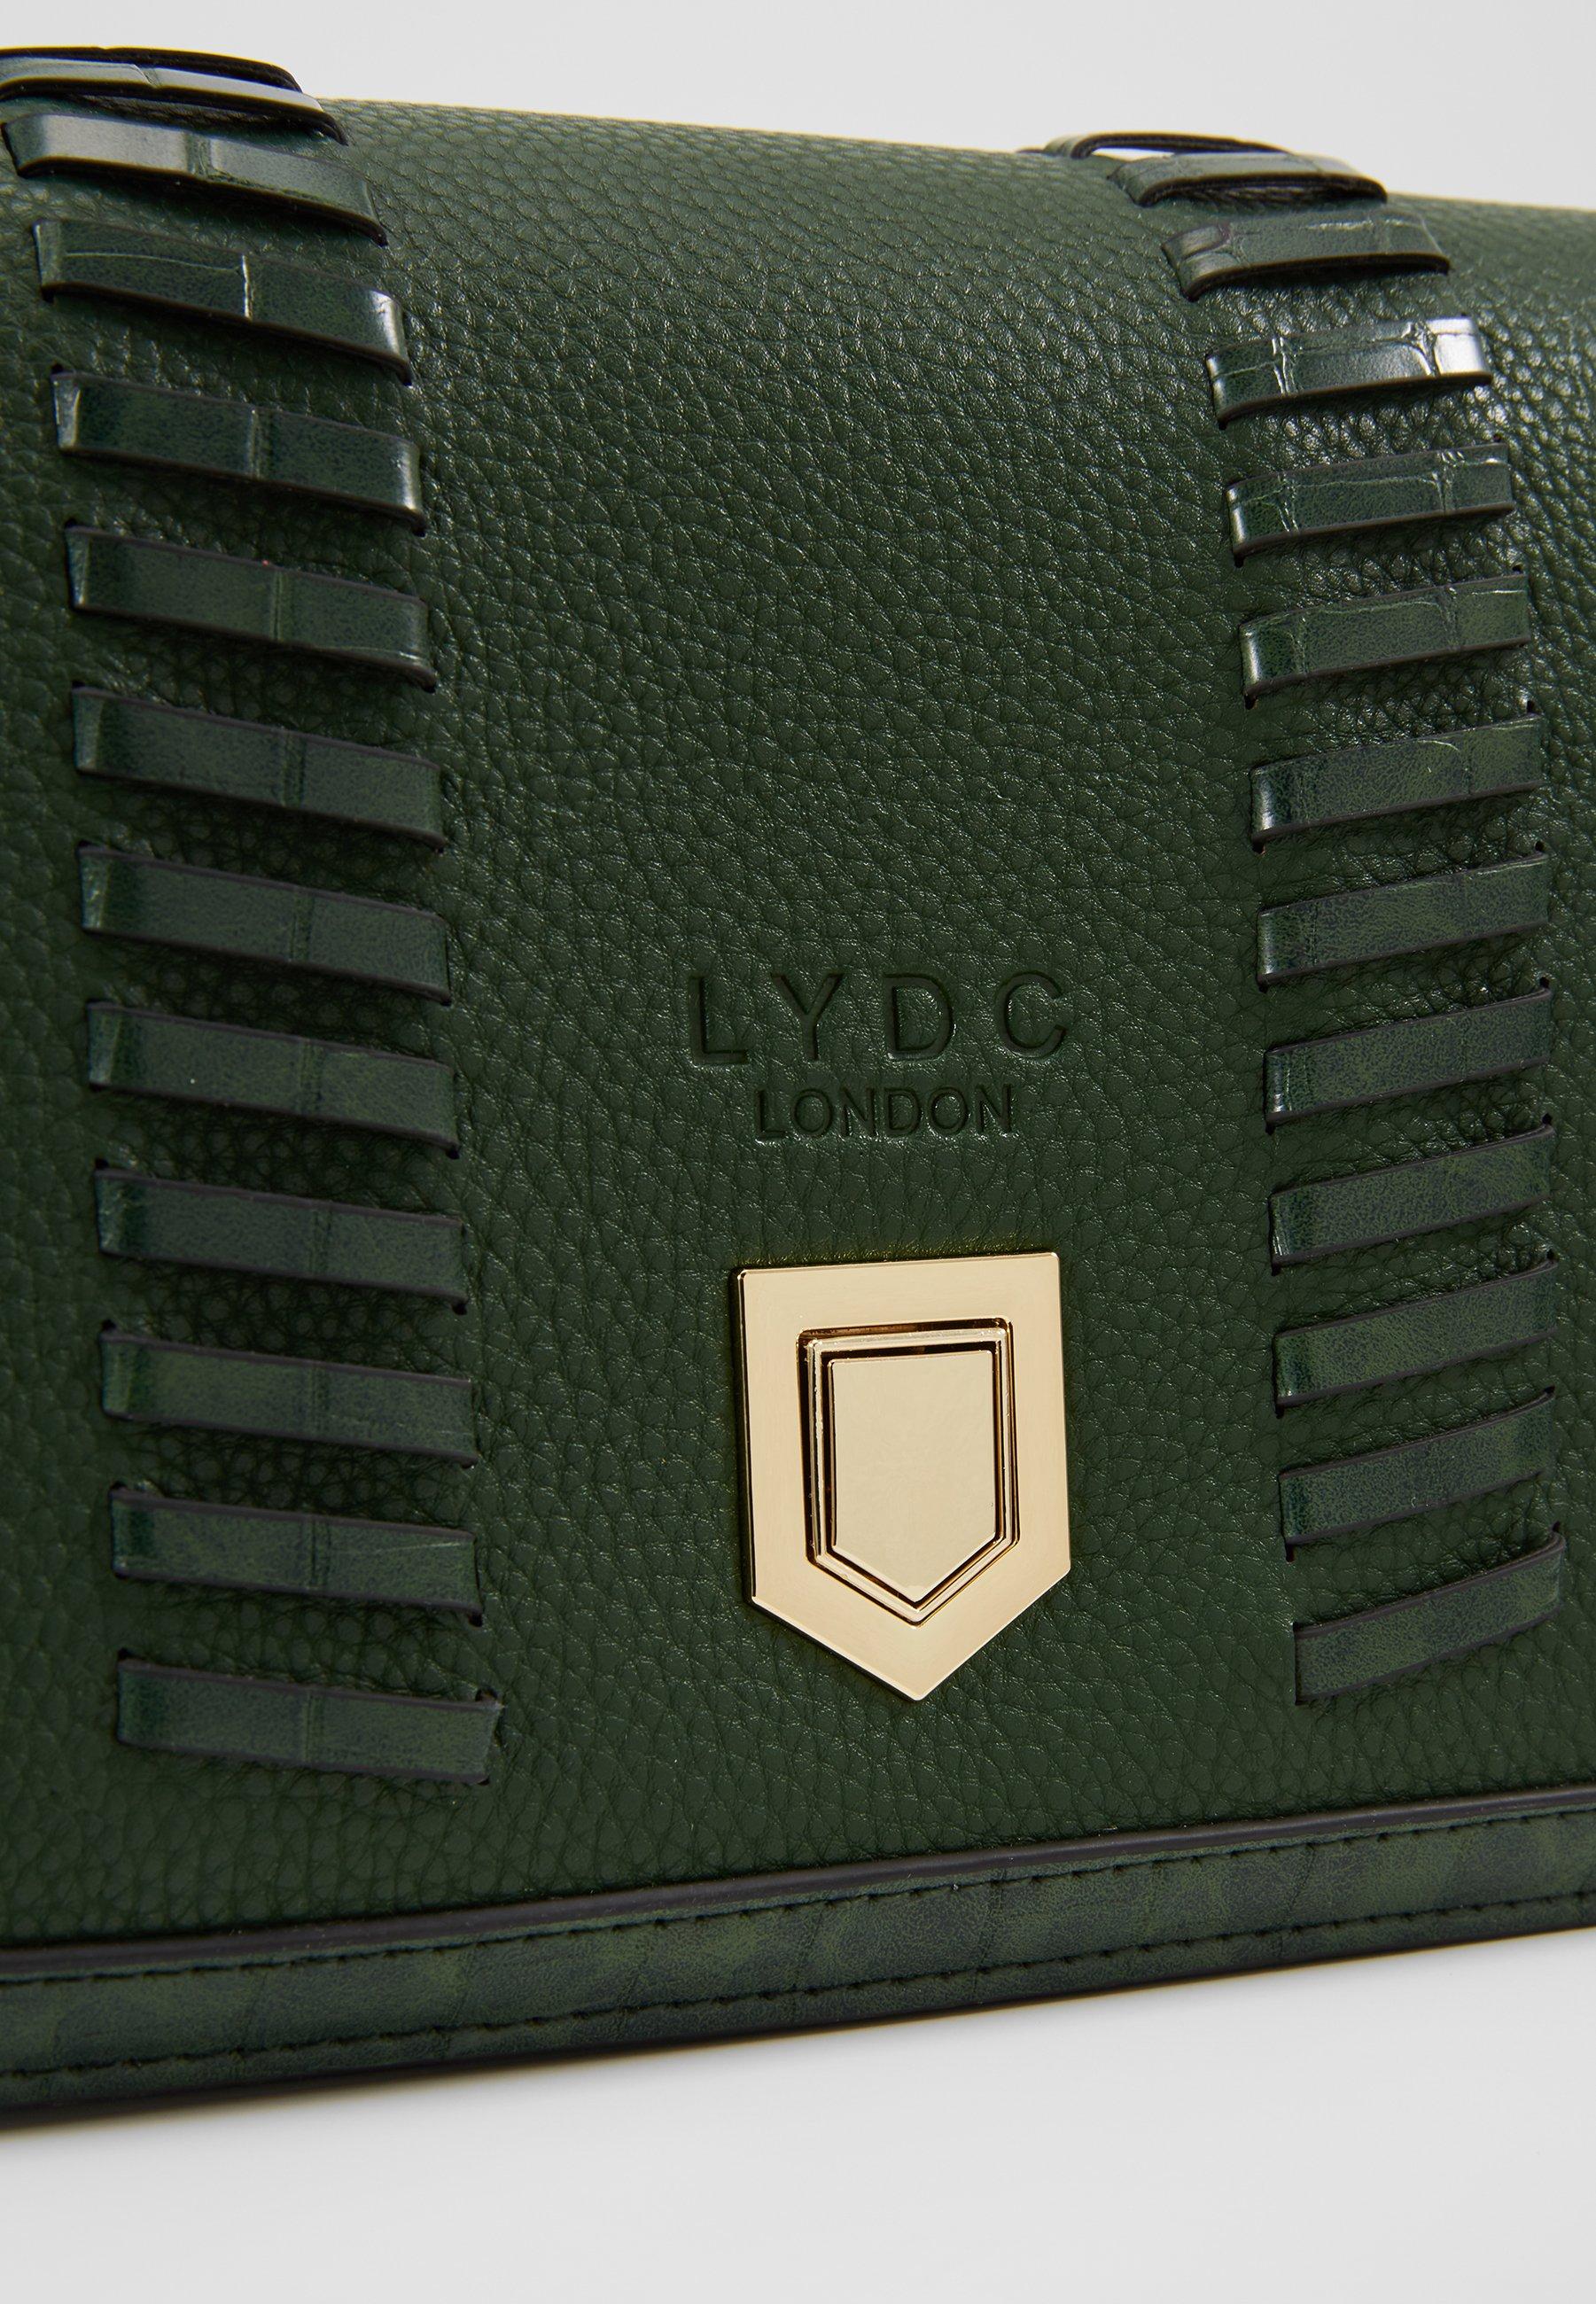 LYDC London Borsa a tracolla - green